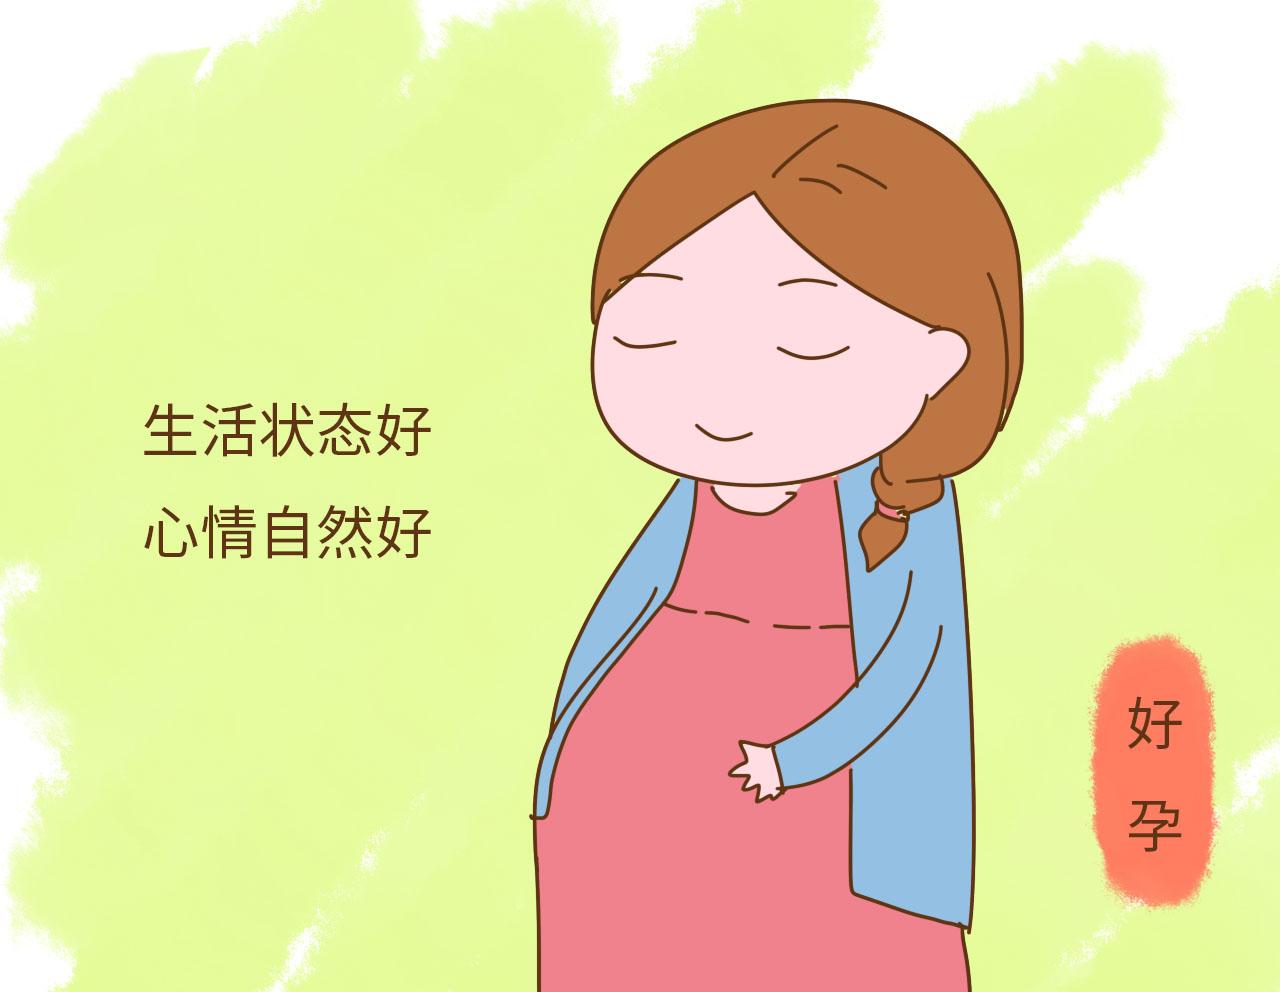 怀孕后变化太大,朋友们都说我整容了